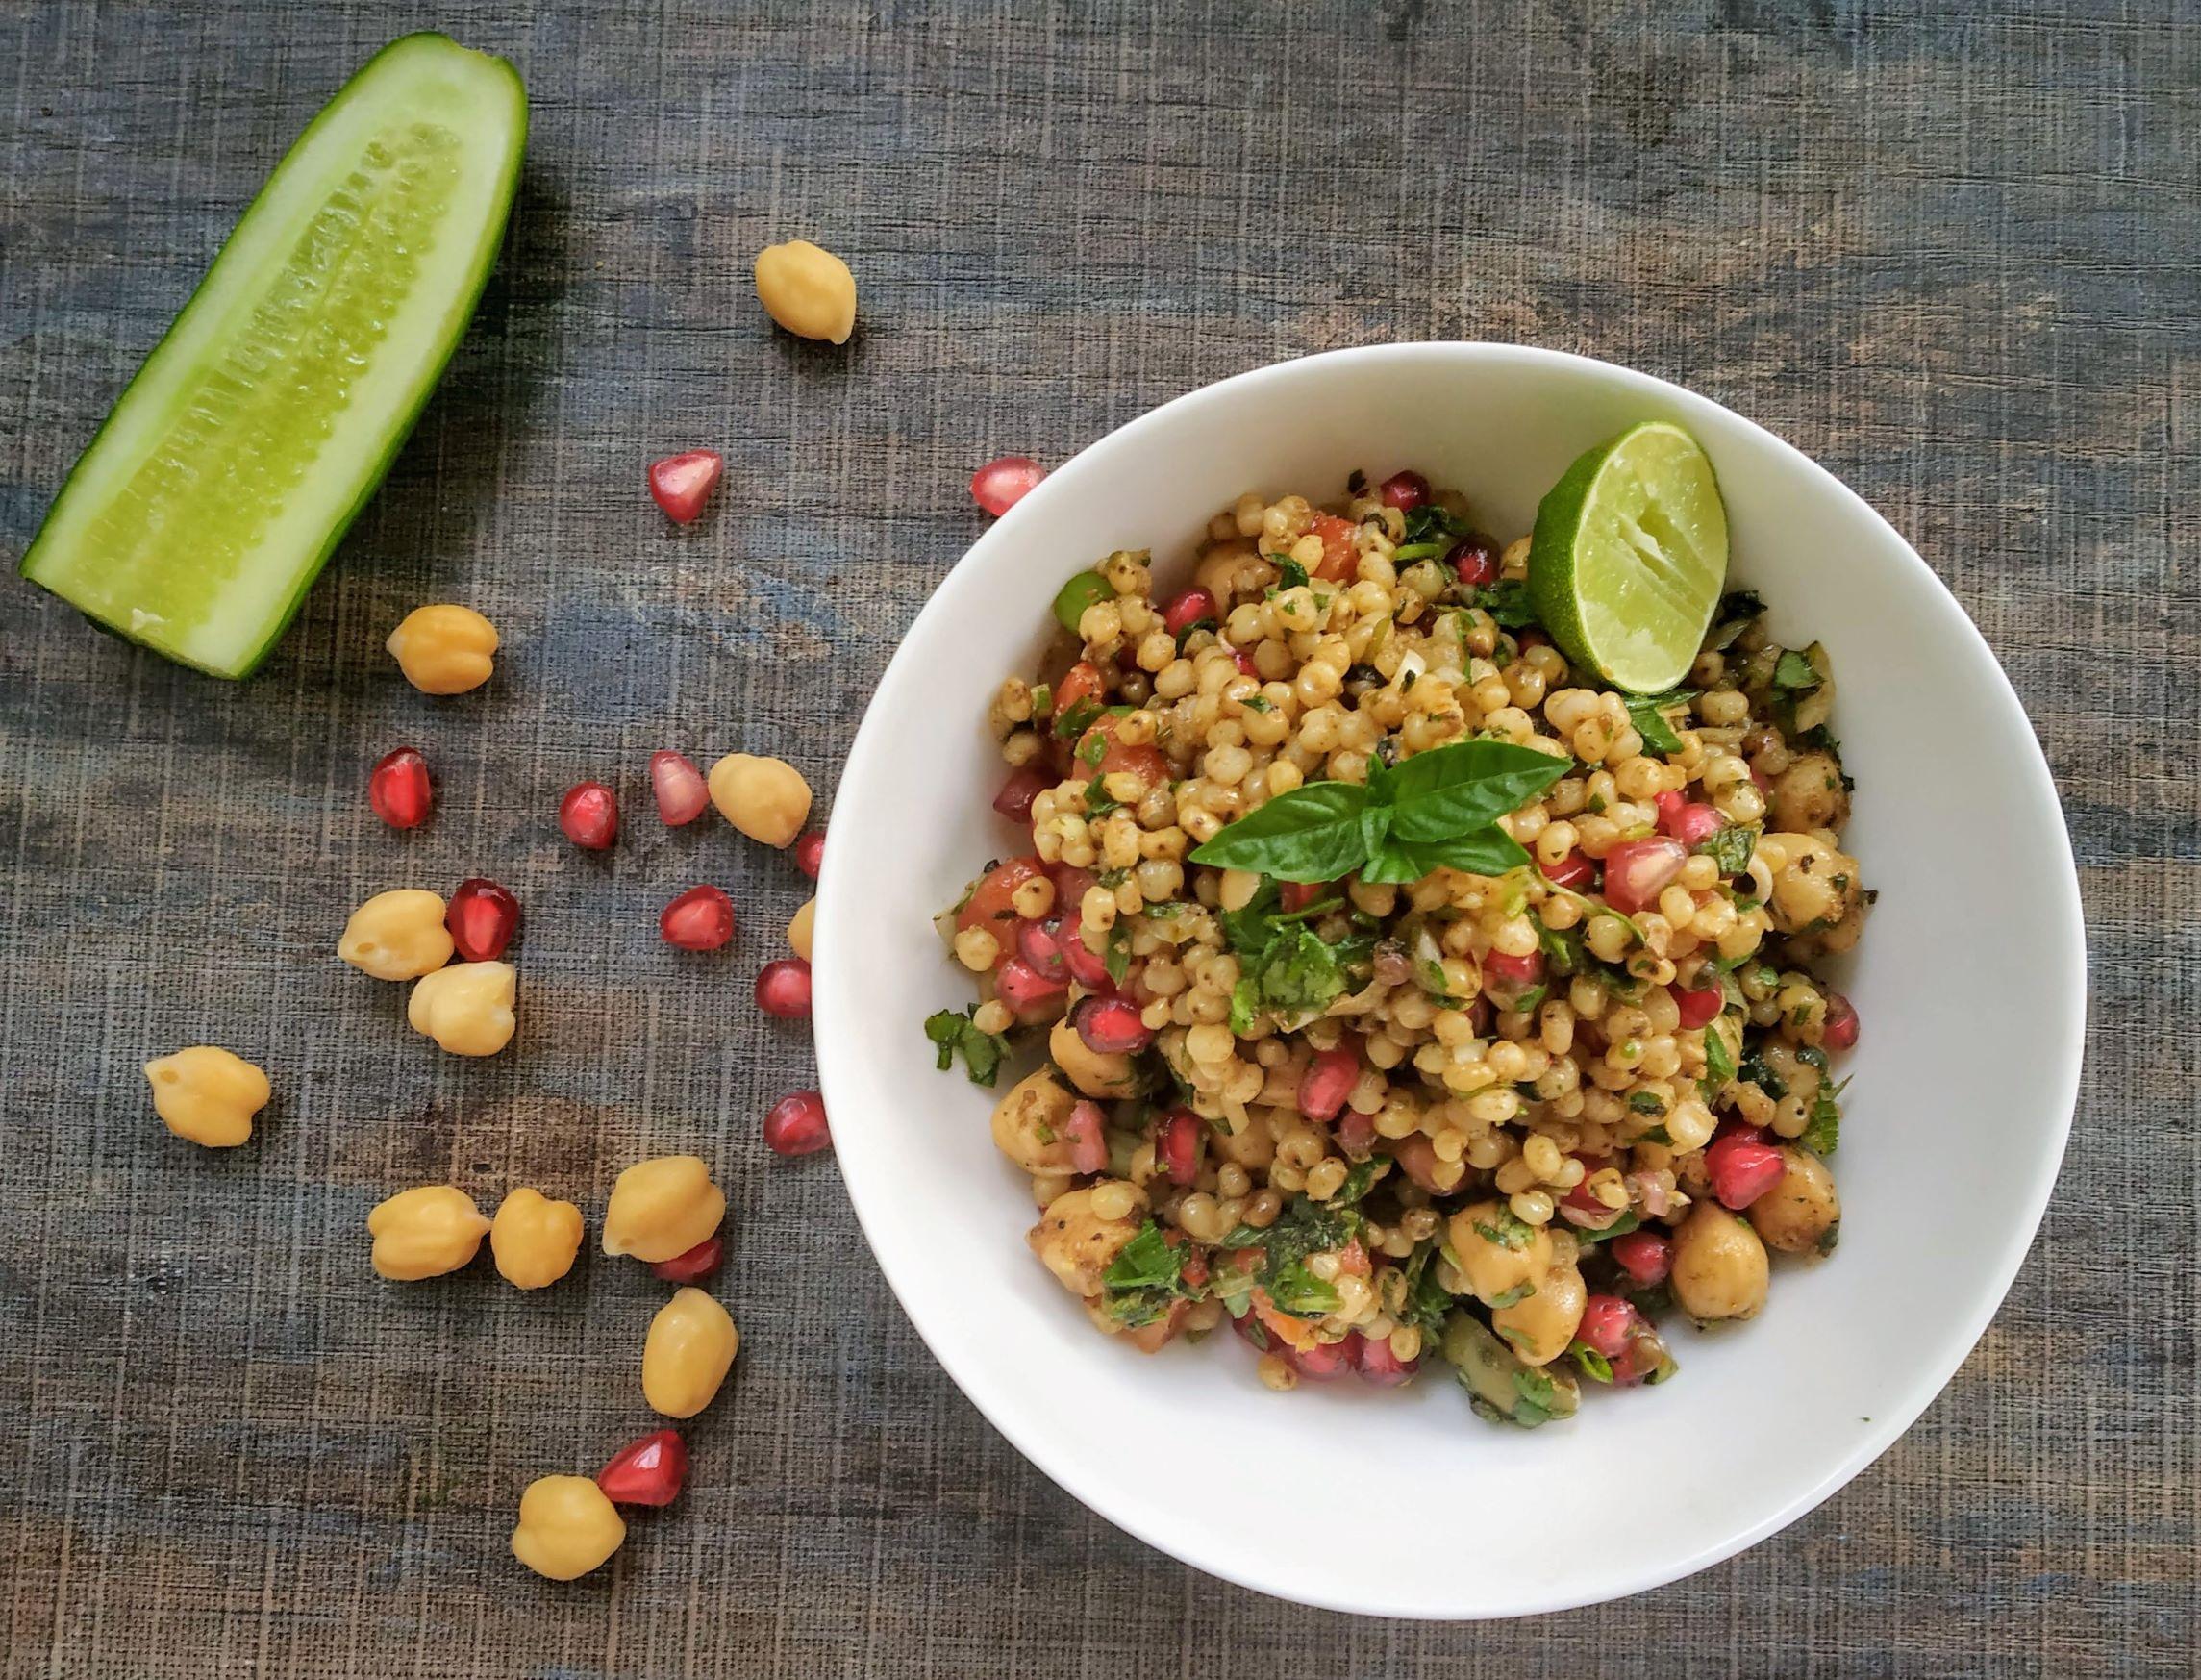 Sorghum Chikpea Salad